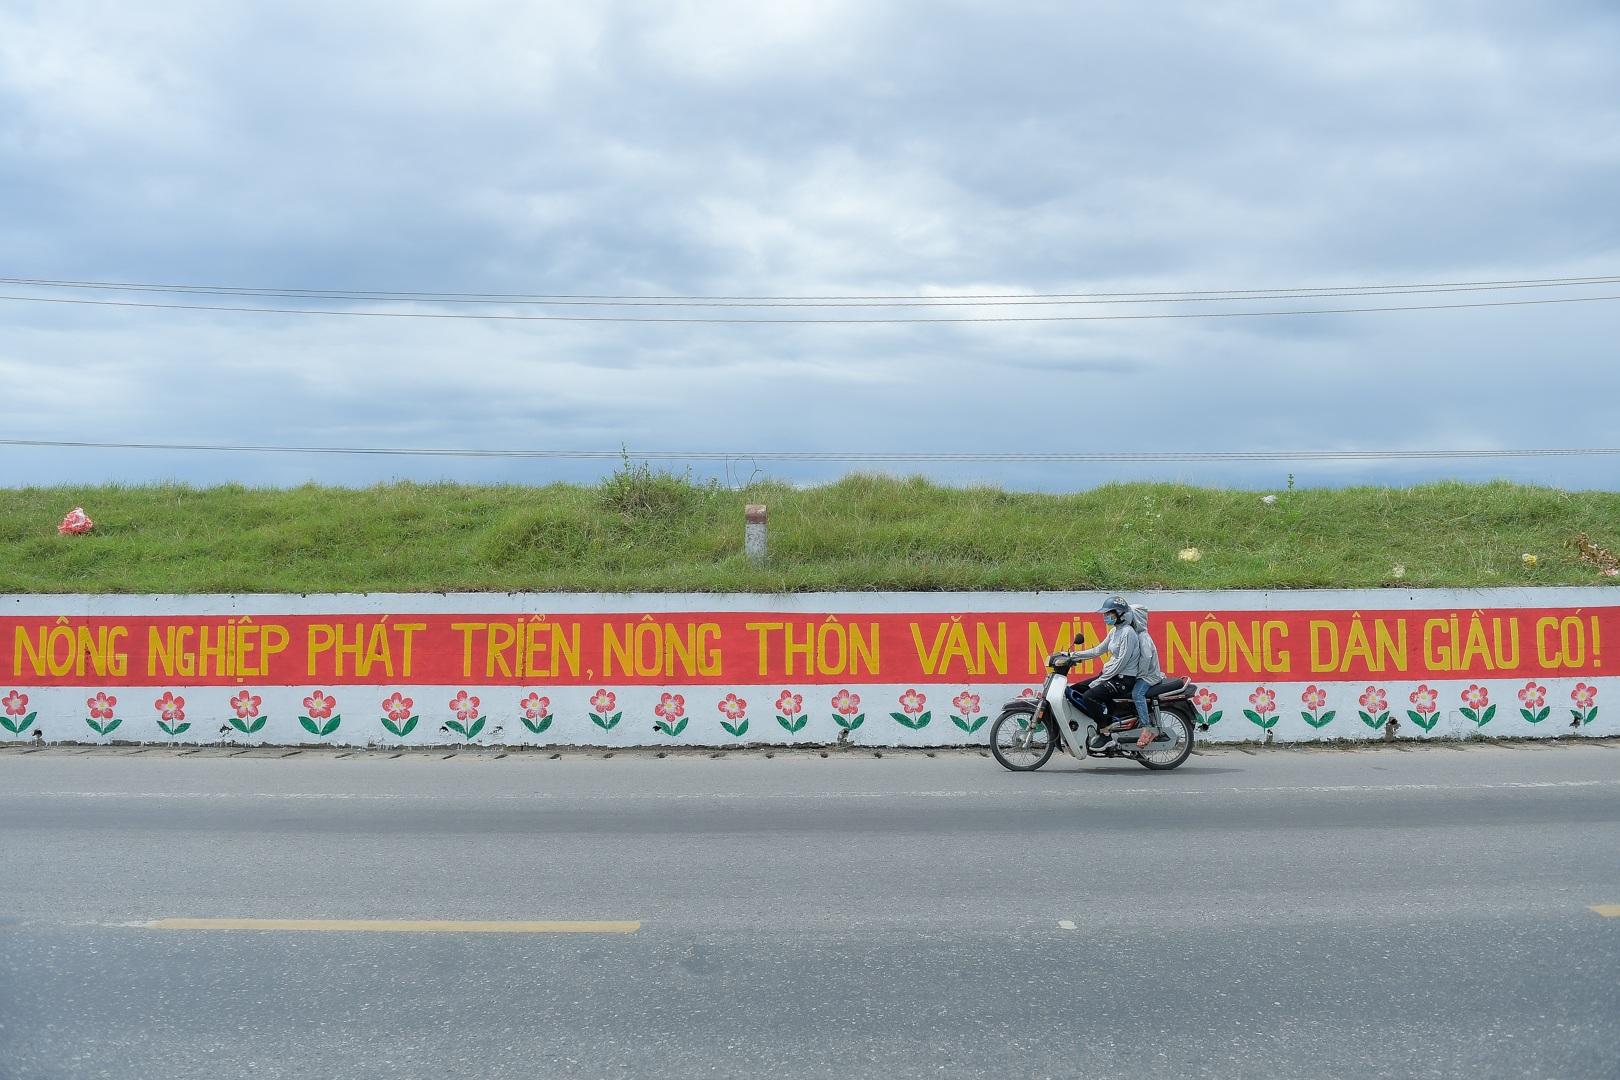 Con đường bích họa dài hơn 2 km ở ngoại thành Hà Nội - 16